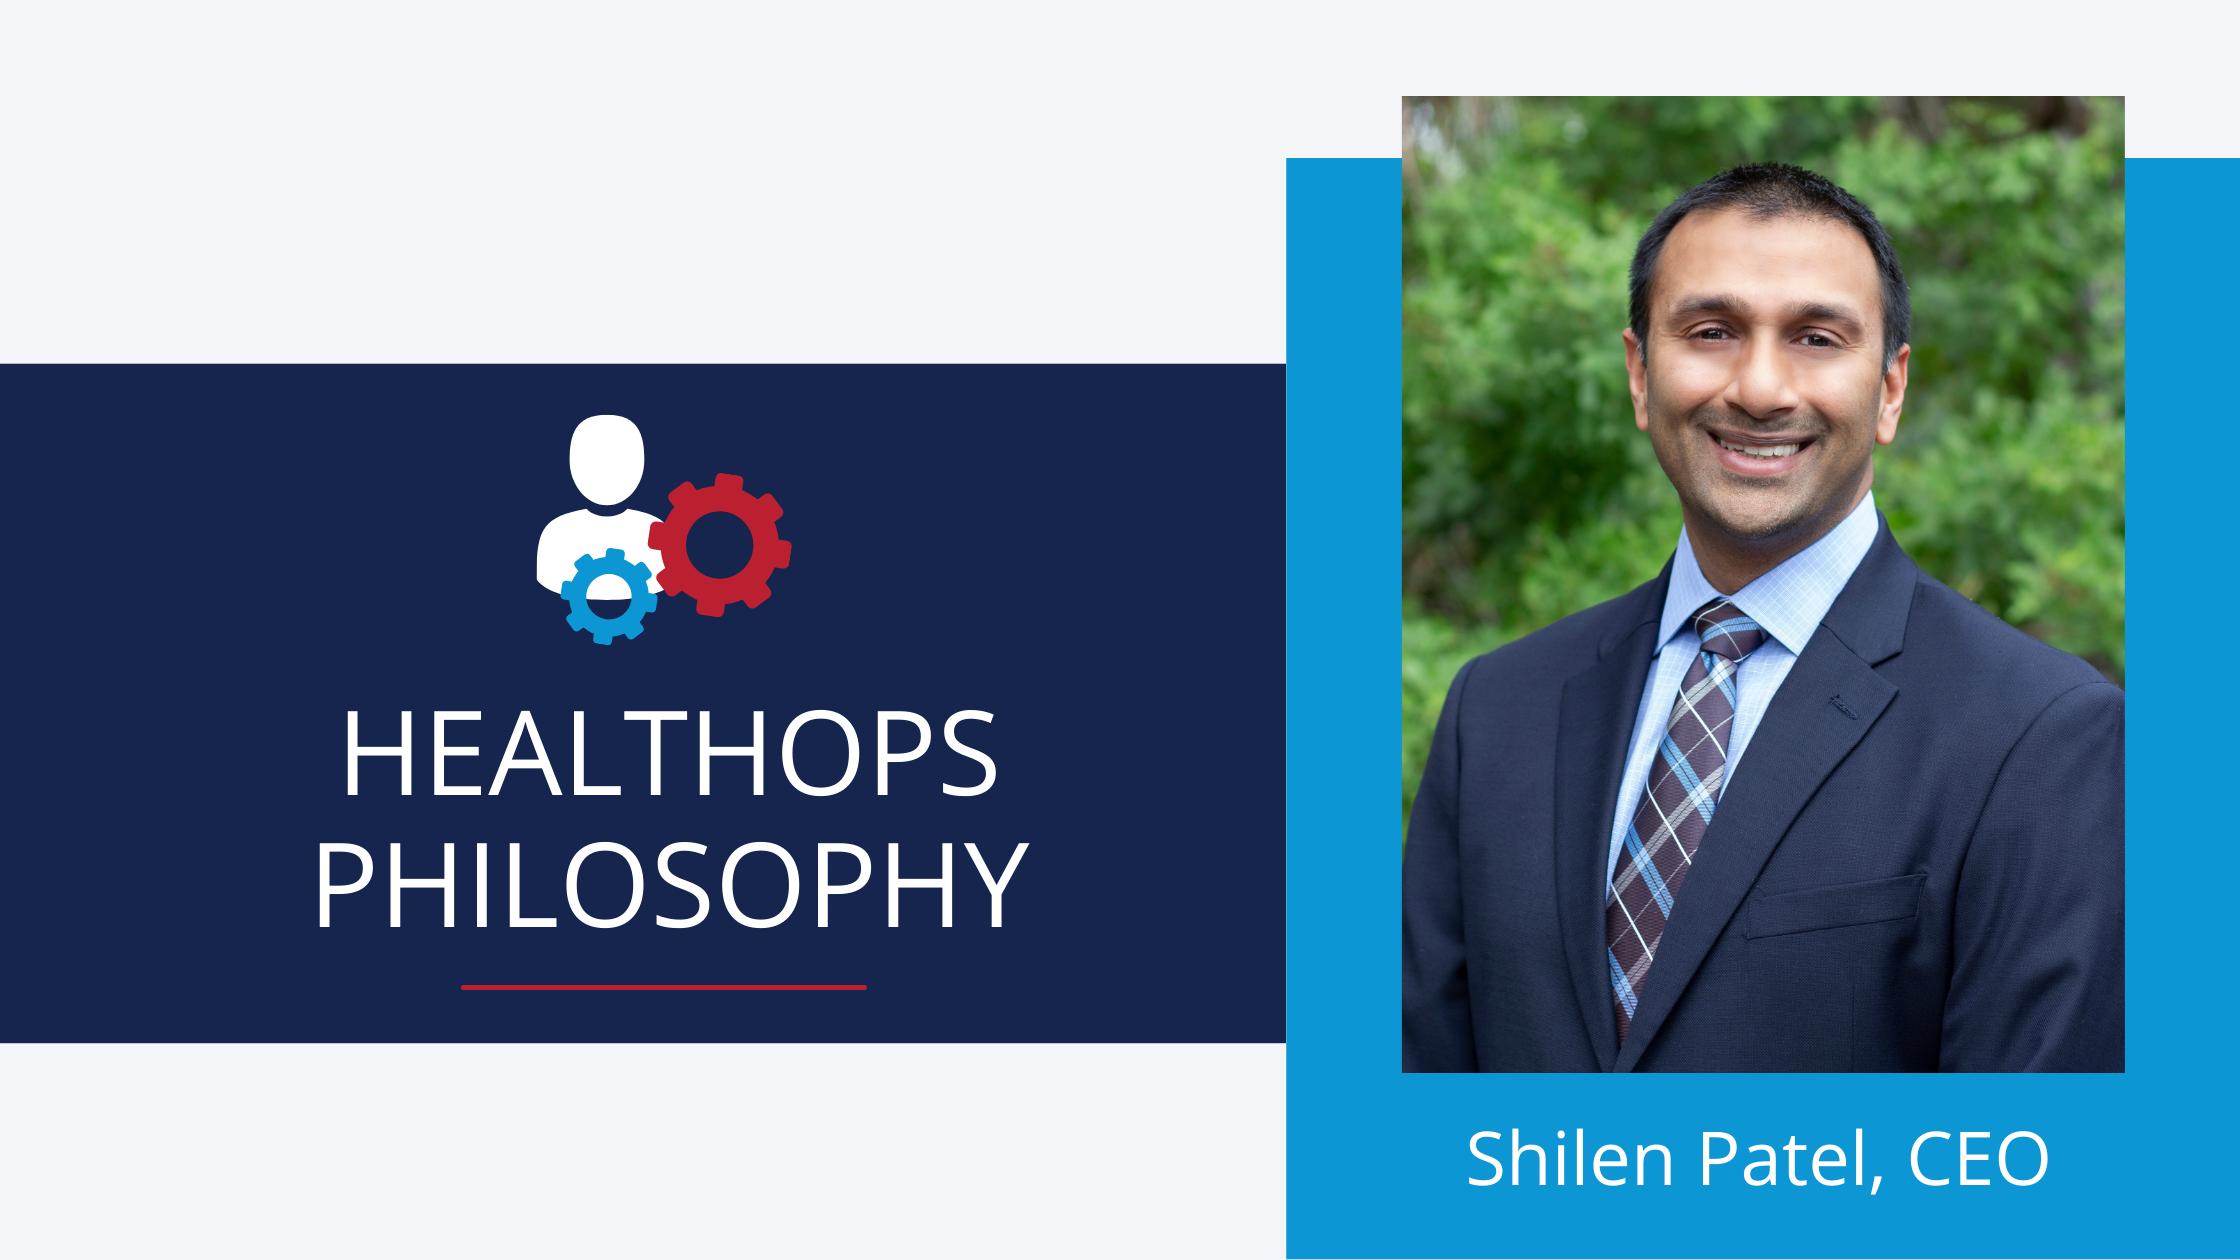 HealthOps Philosophy